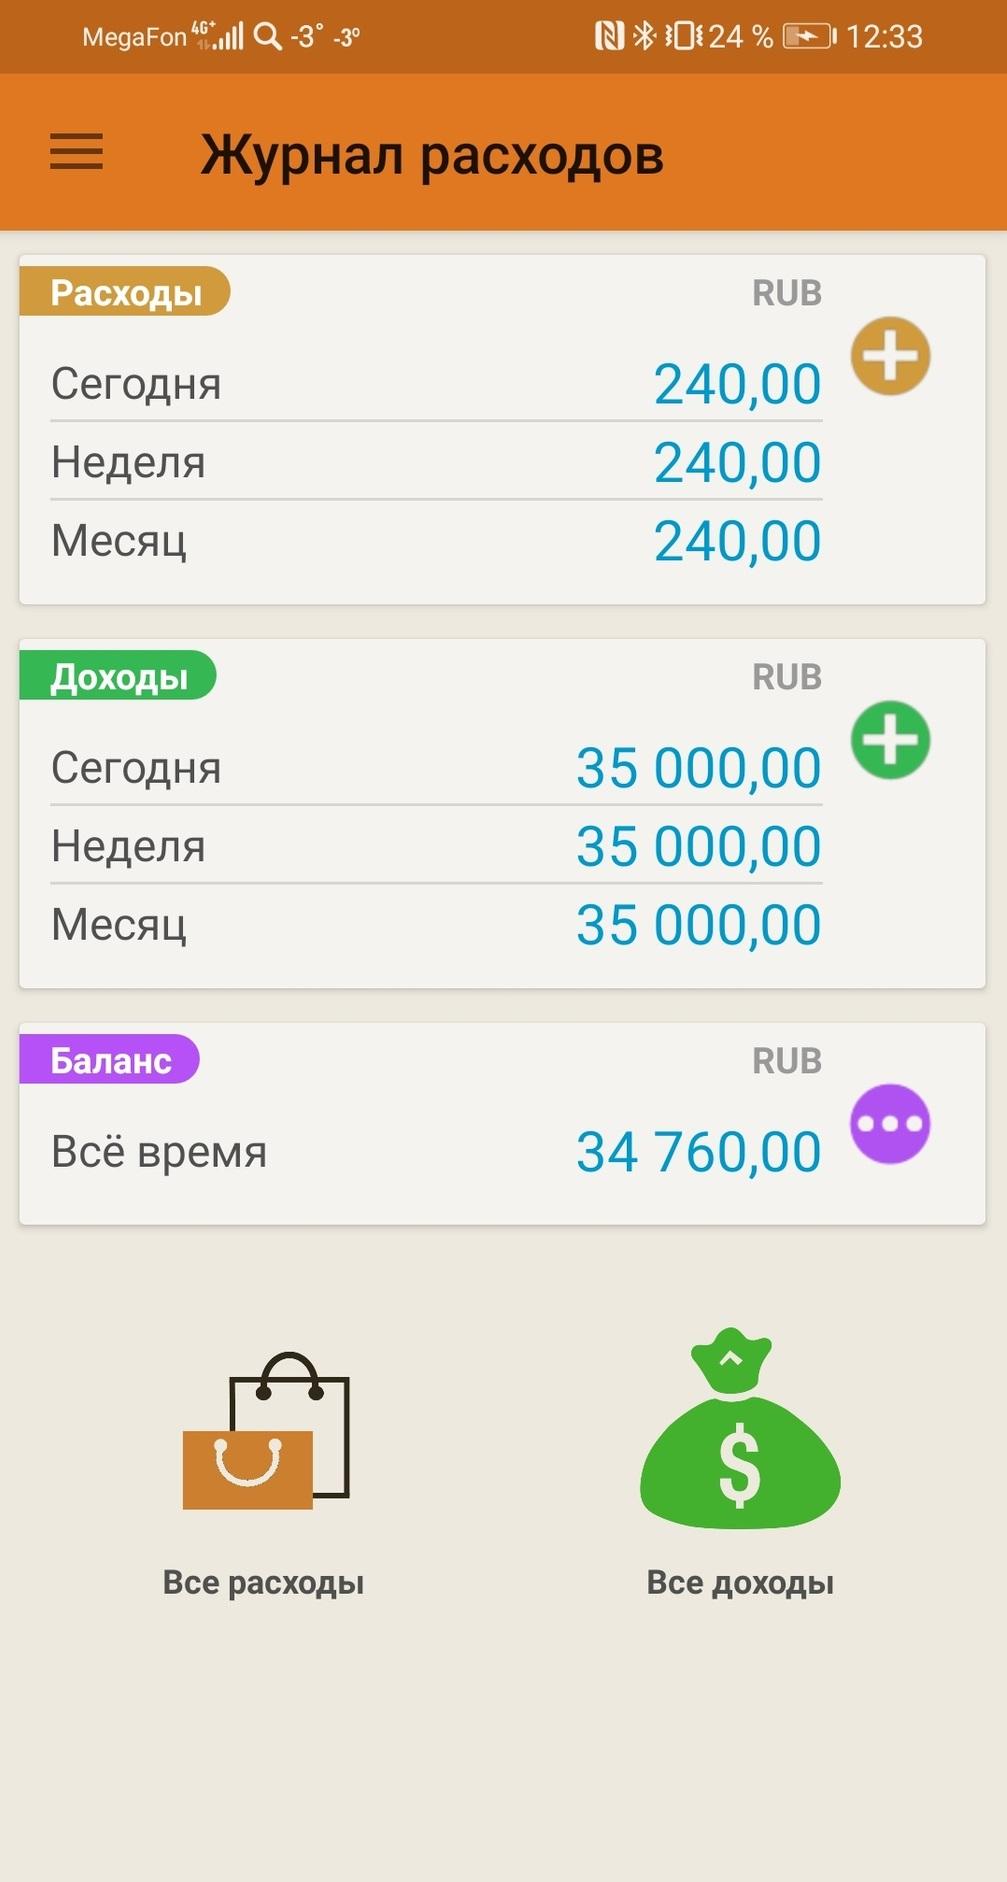 Приложи смартфон: какие программы помогают сэкономить семейный бюджет перед Новым годом